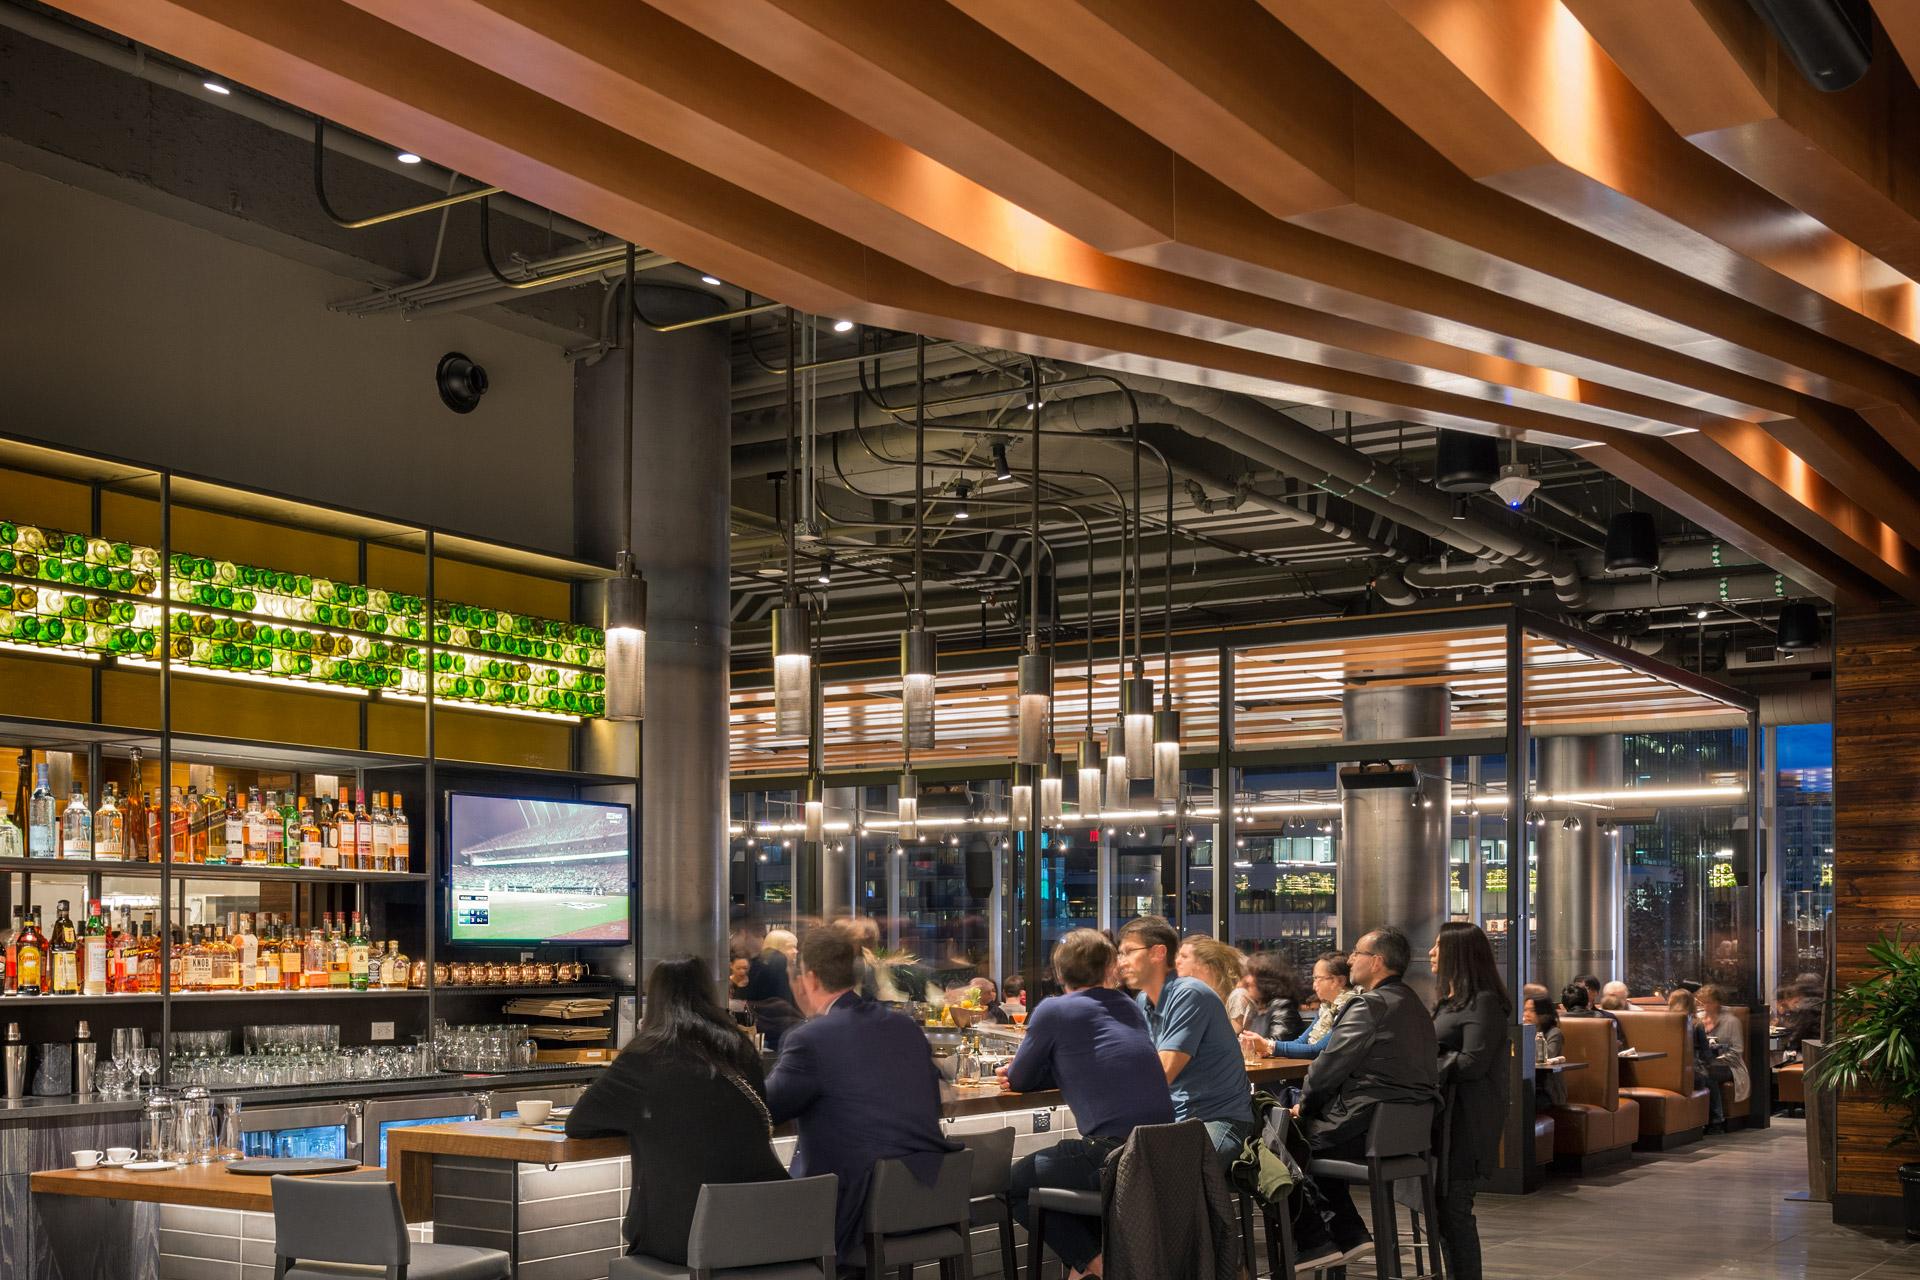 Bistro Verde at Nordstrom restaurant moder design